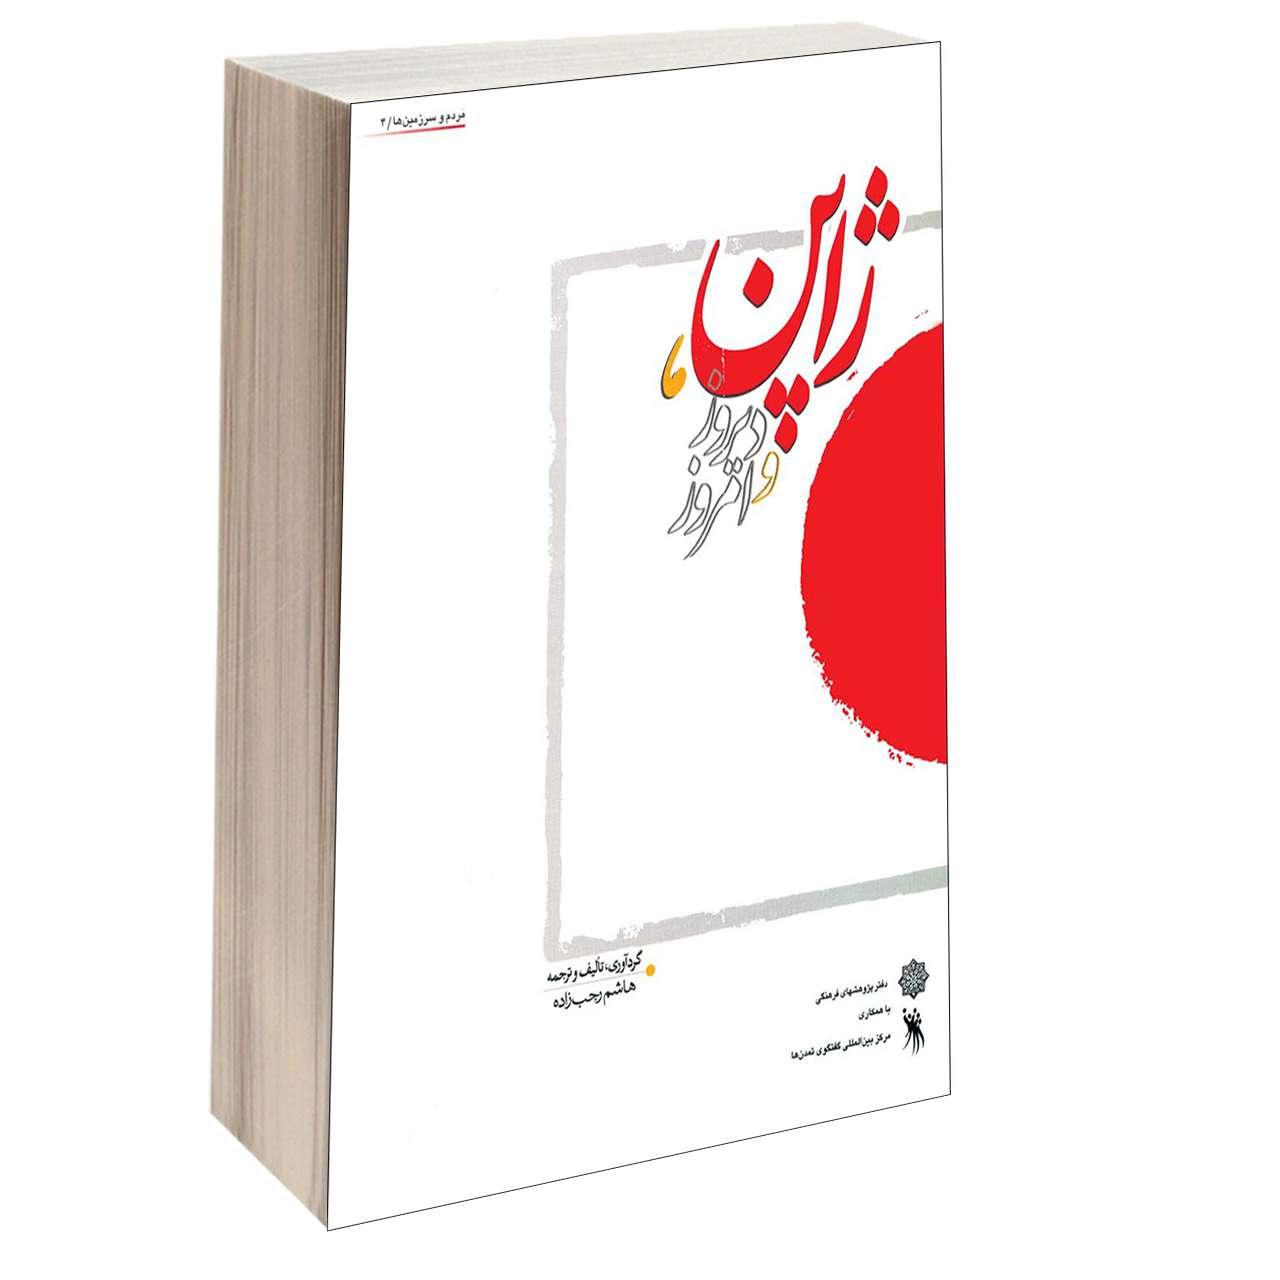 خرید                      کتاب ژاپن، دیروز و امروز اثر هاشم رجب زاده انتشارات دفتر پژوهش های فرهنگی